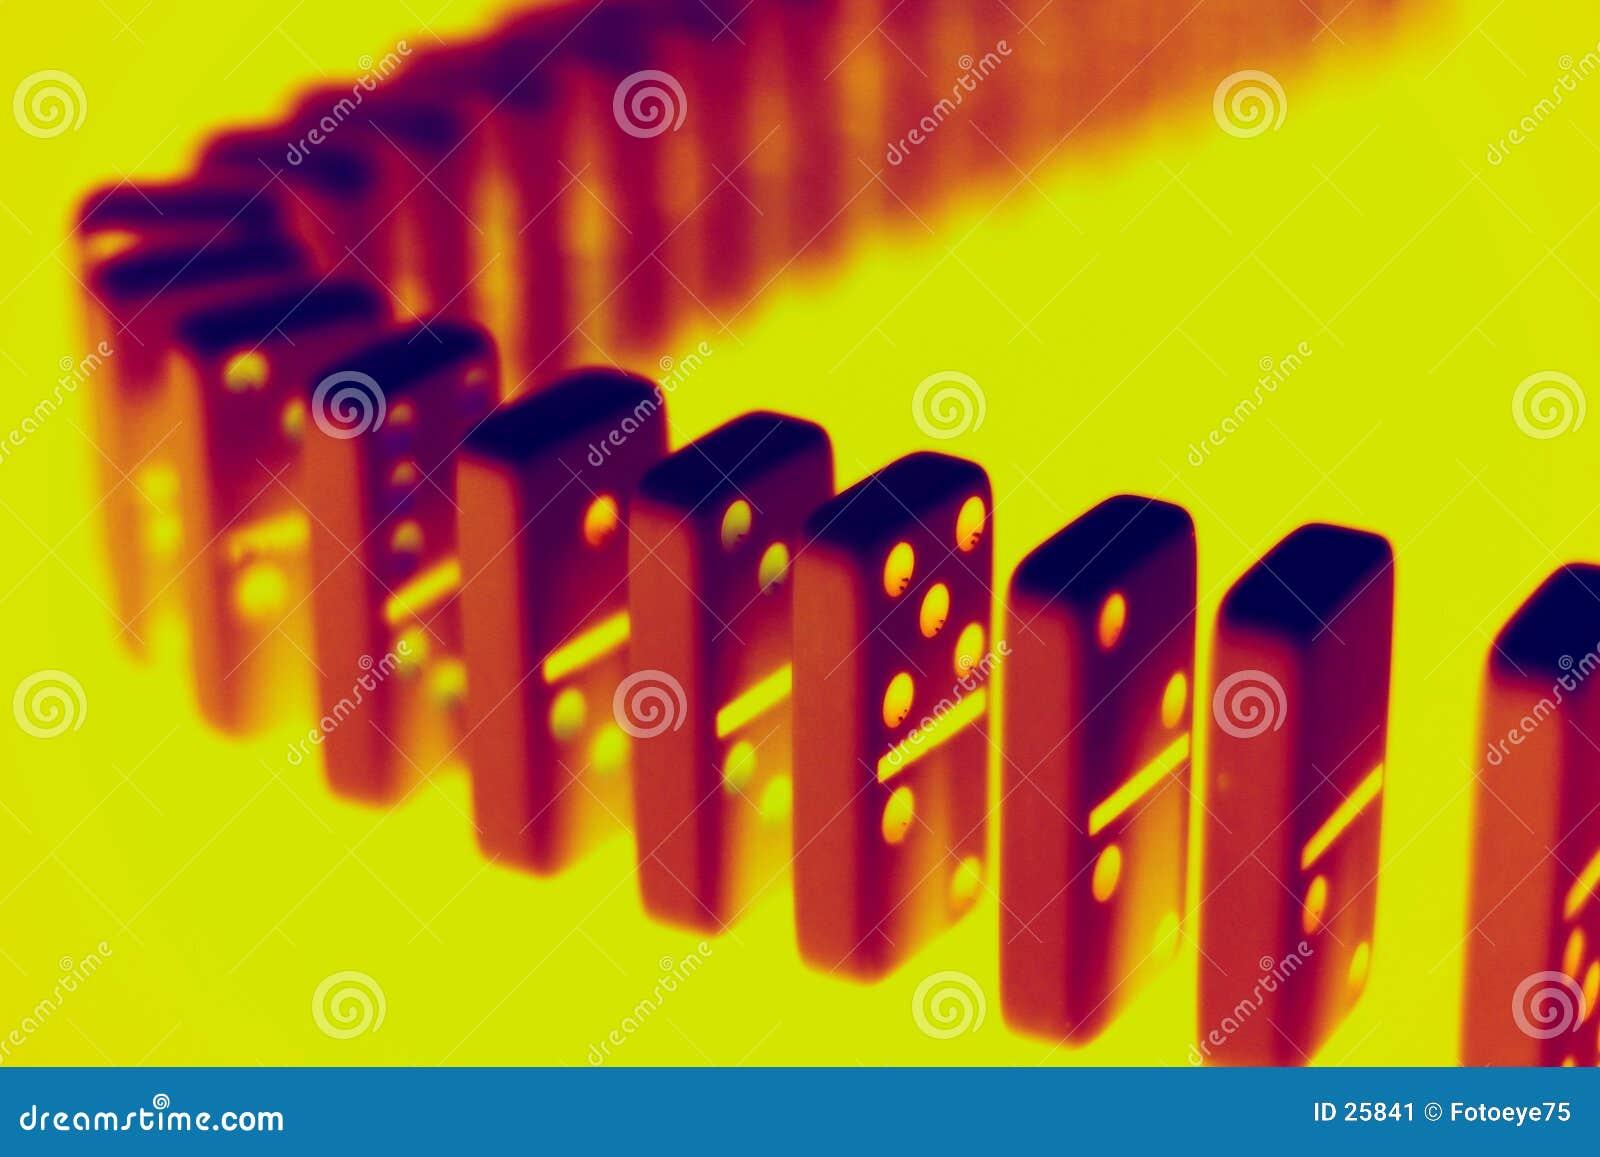 Download Radioaktive Dominos stockbild. Bild von gewinn, dominoes - 25841